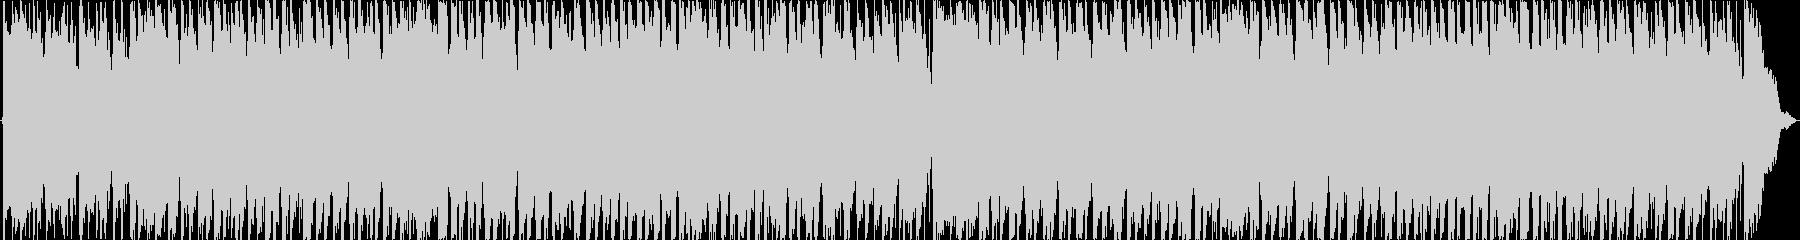 ほのぼのとした可愛いBGMの未再生の波形